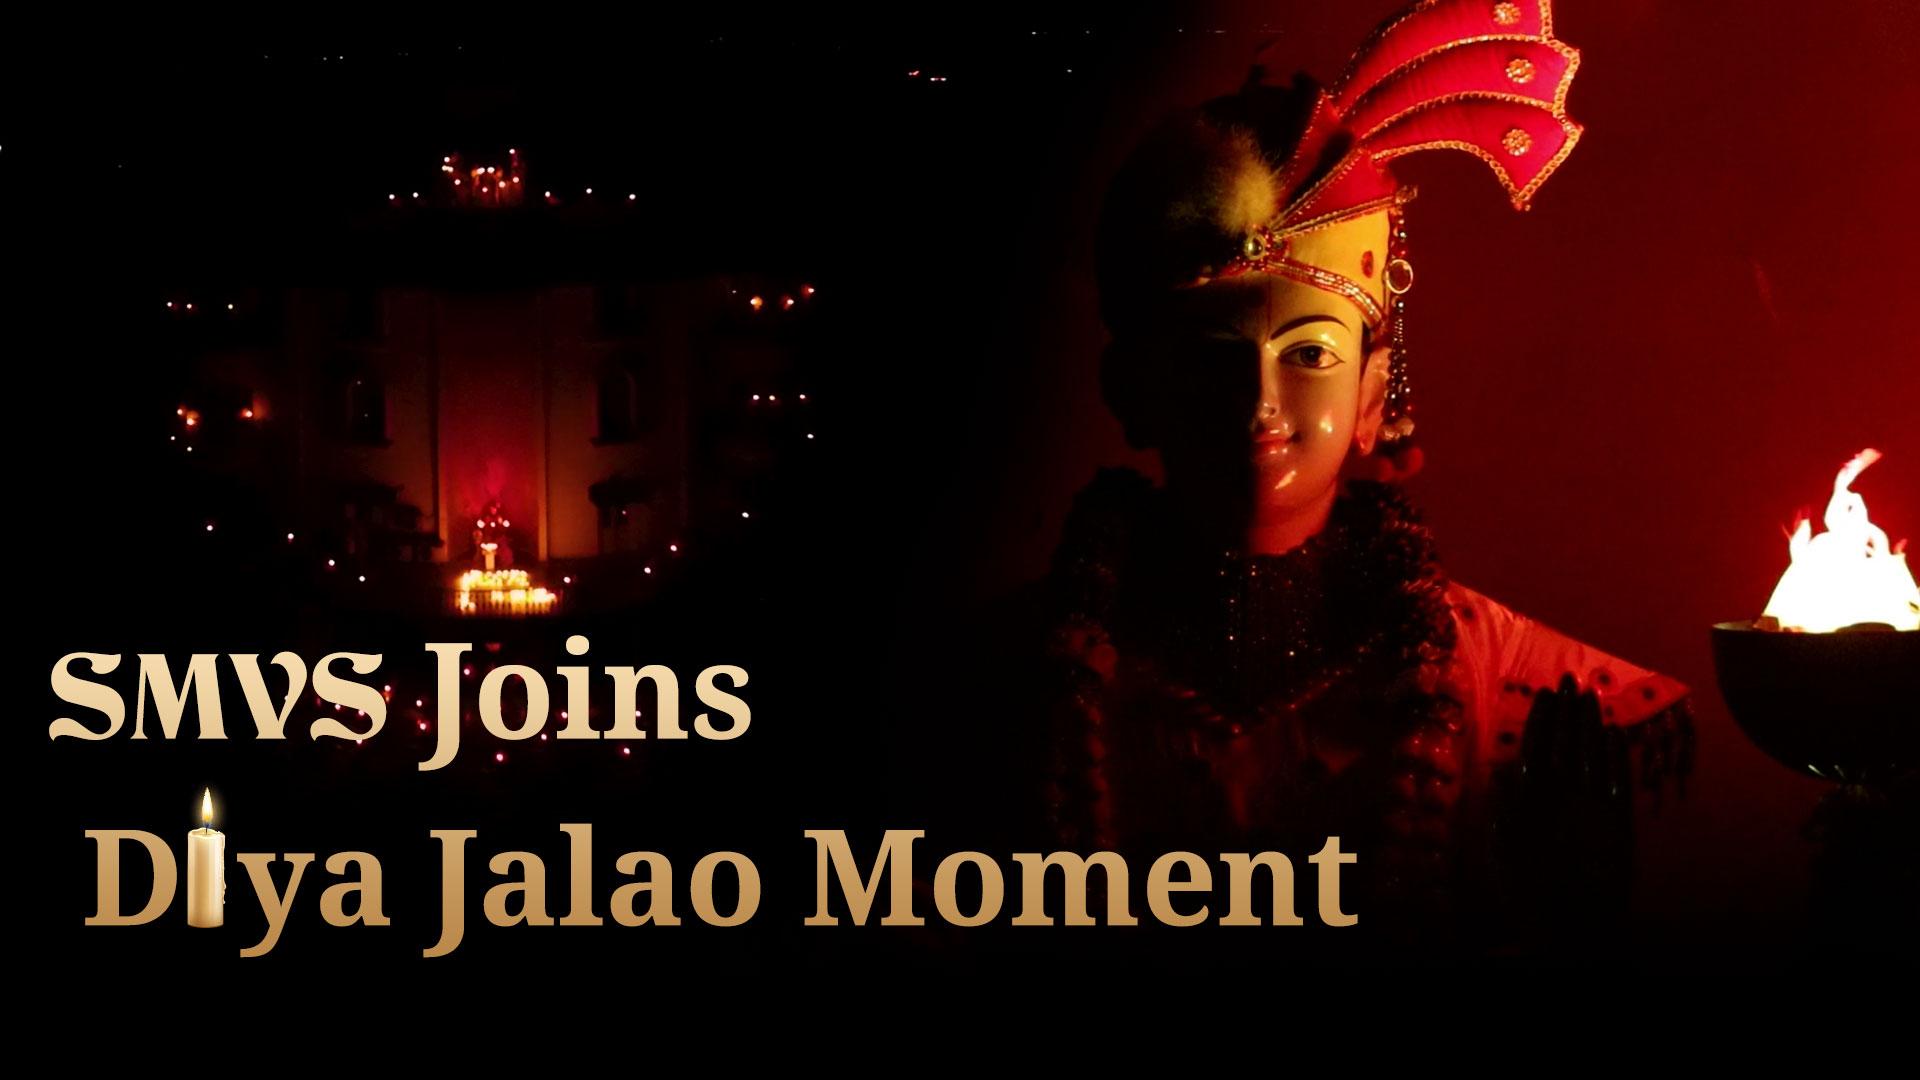 SMVS Joins Diya Jalao Moment | #9pm9minute | Covid-19